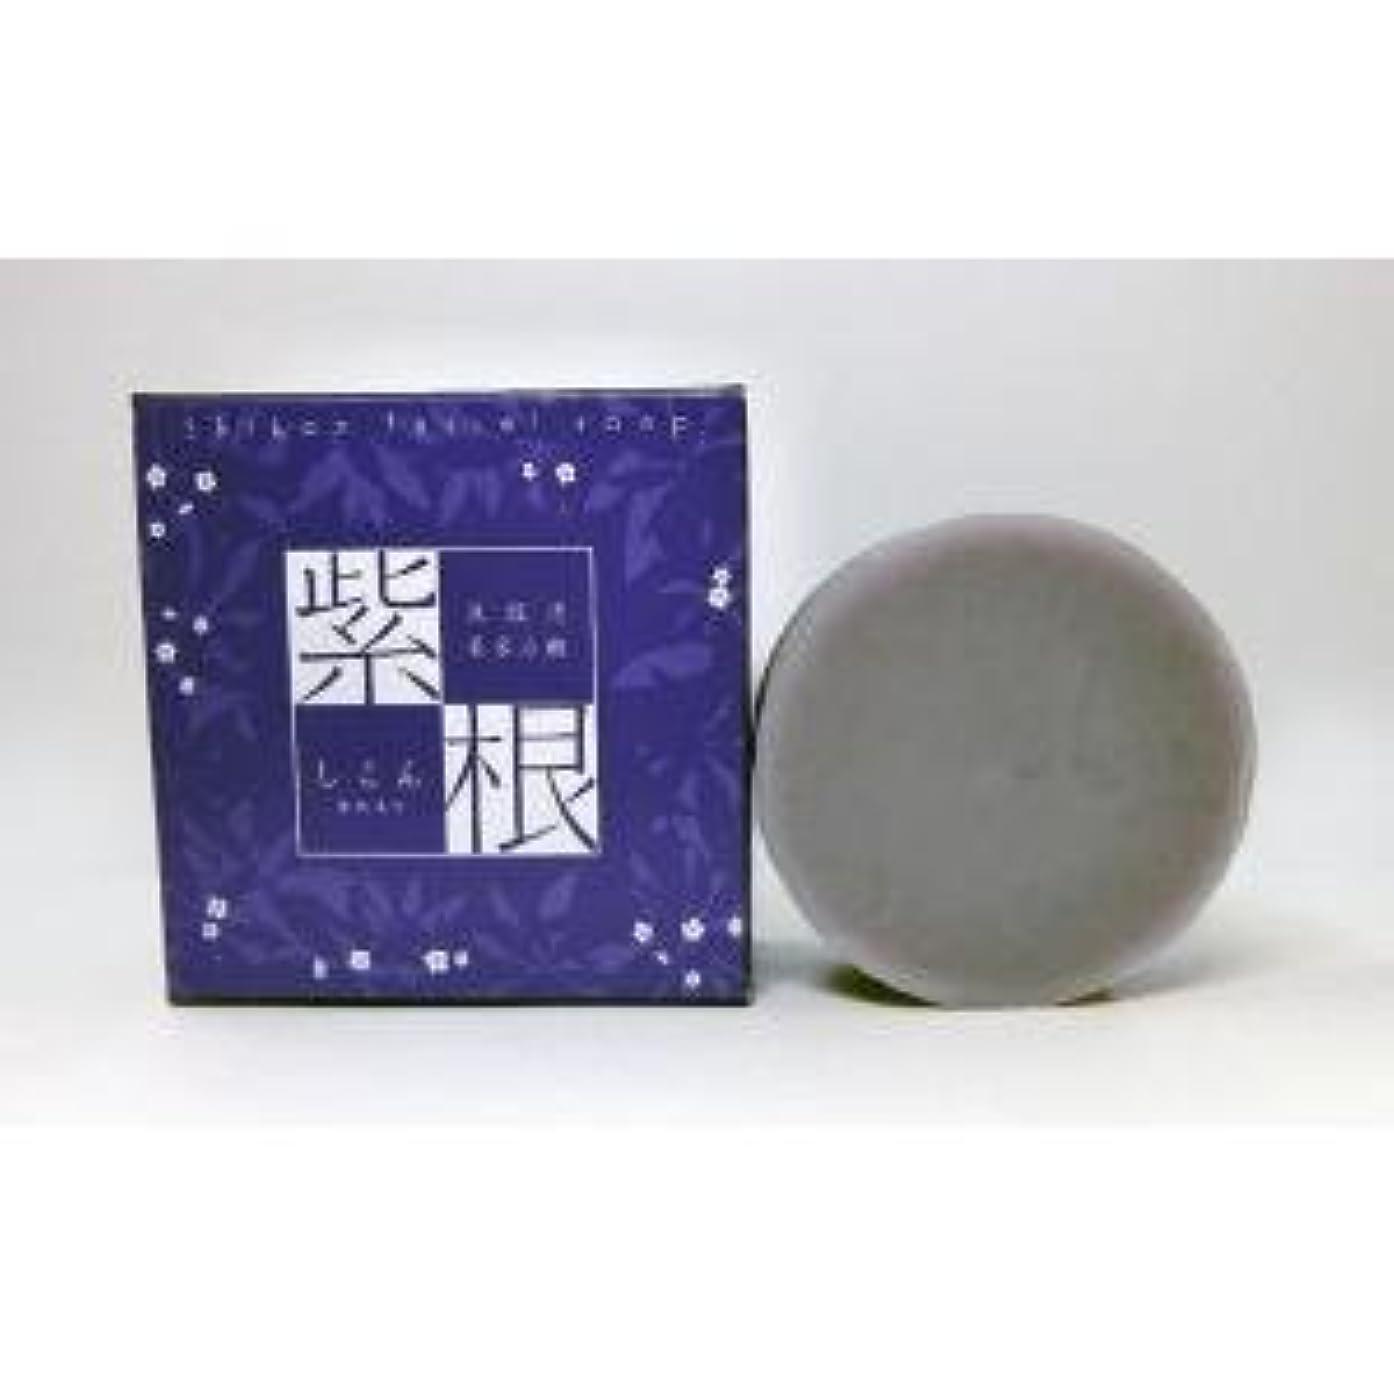 連続したレース精査紫根石鹸 100g×5個セット